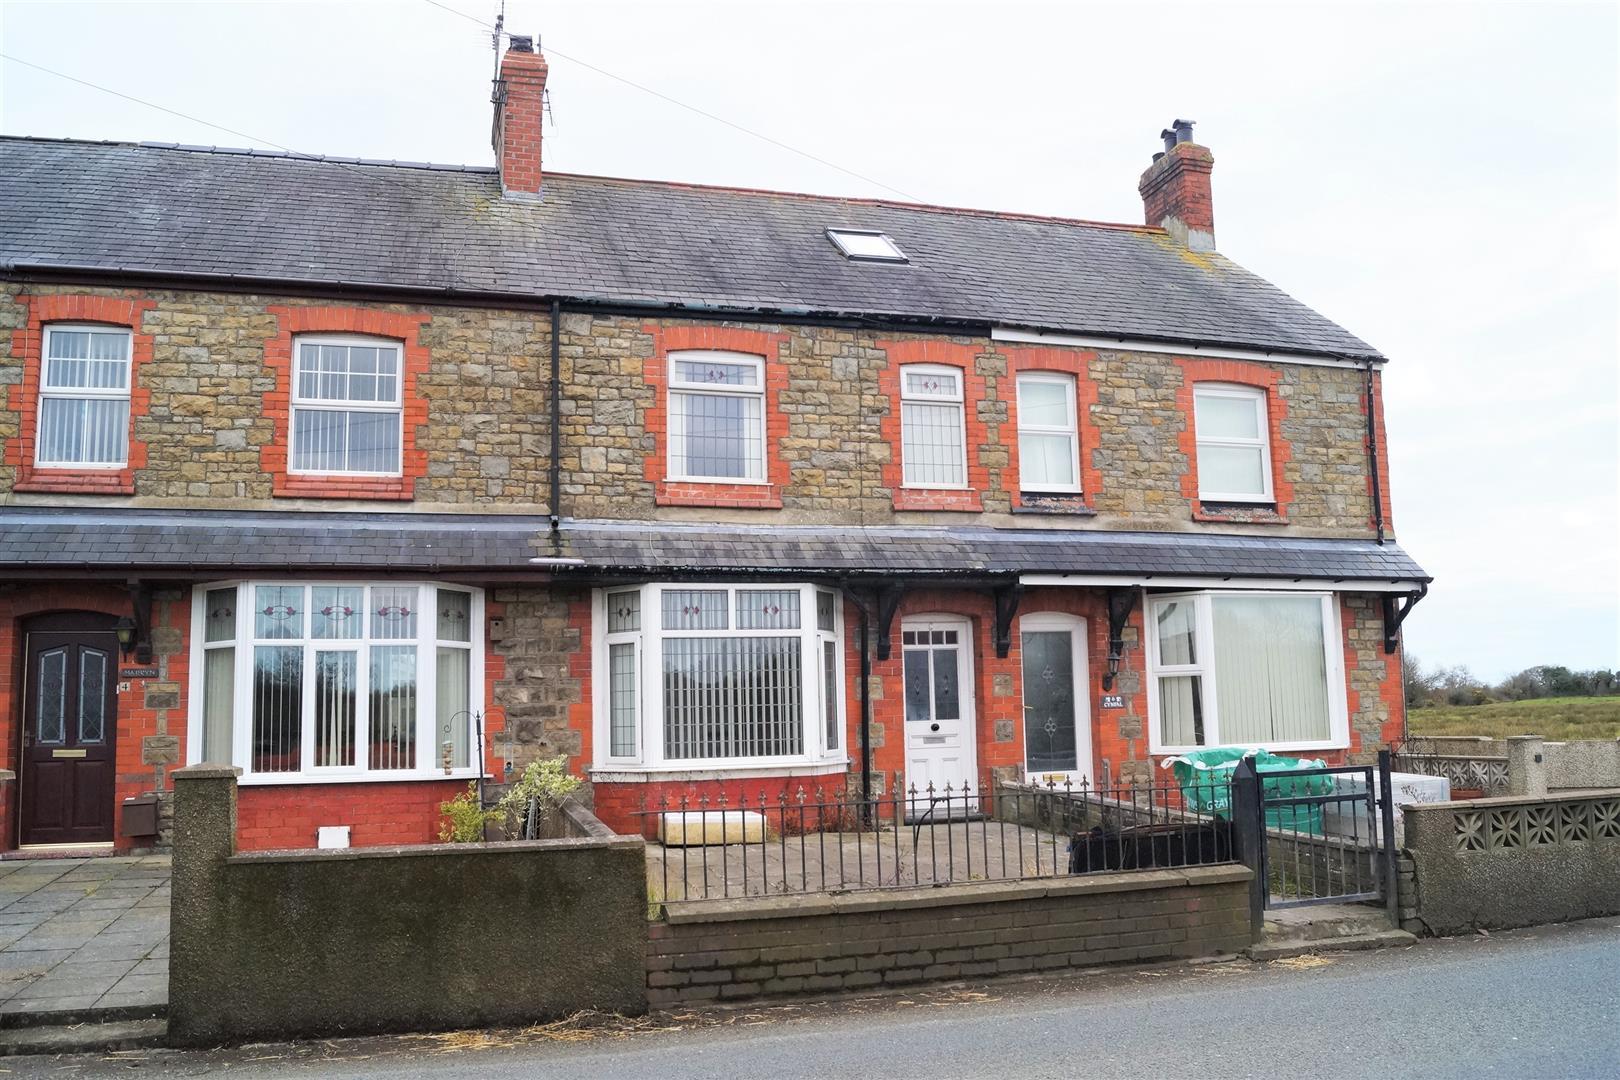 Riverside, Pwllheli - £130,000/Offers in the region of